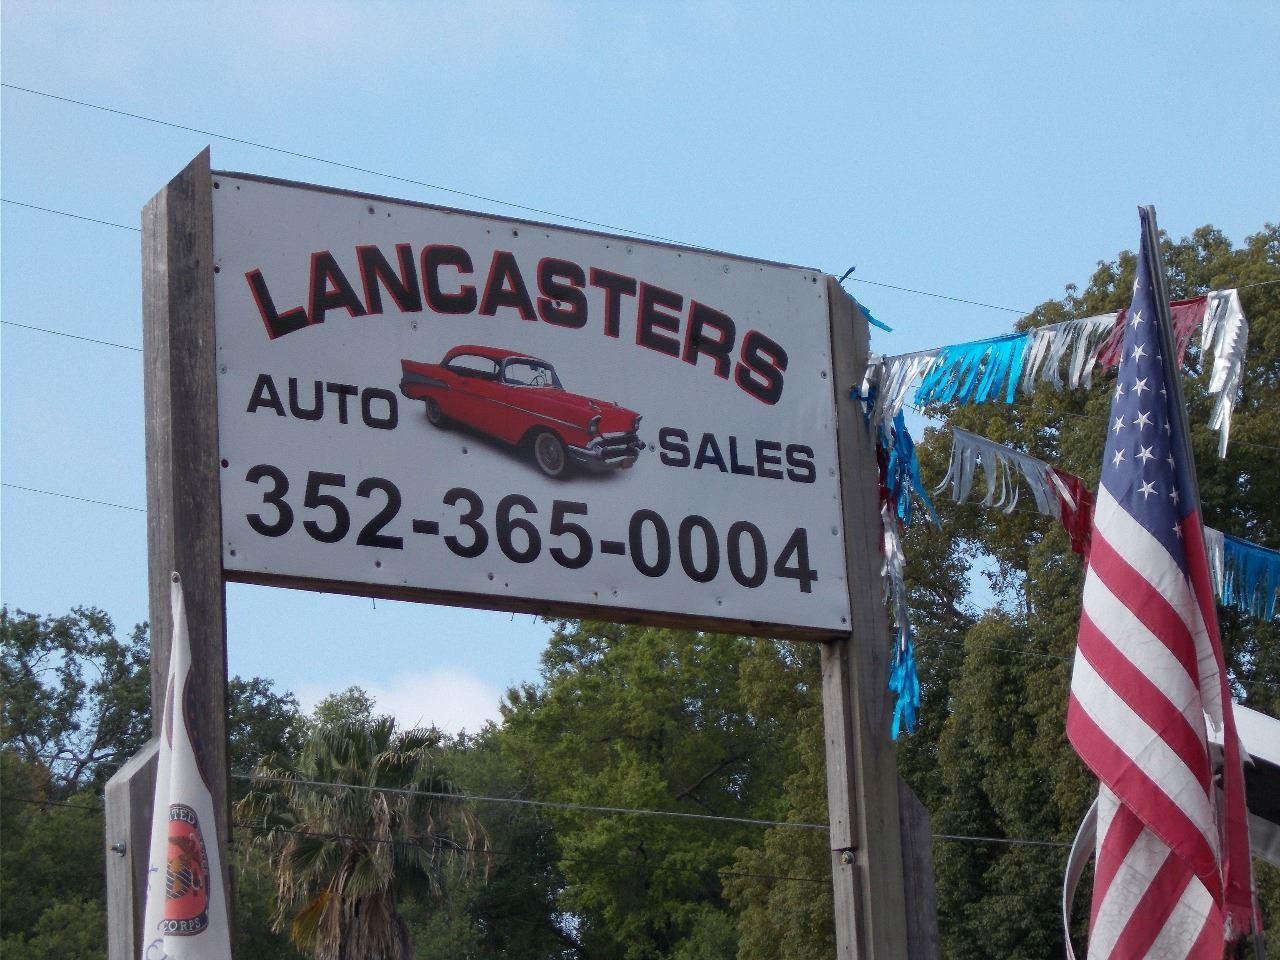 LANCASTER'S AUTO SALES INC